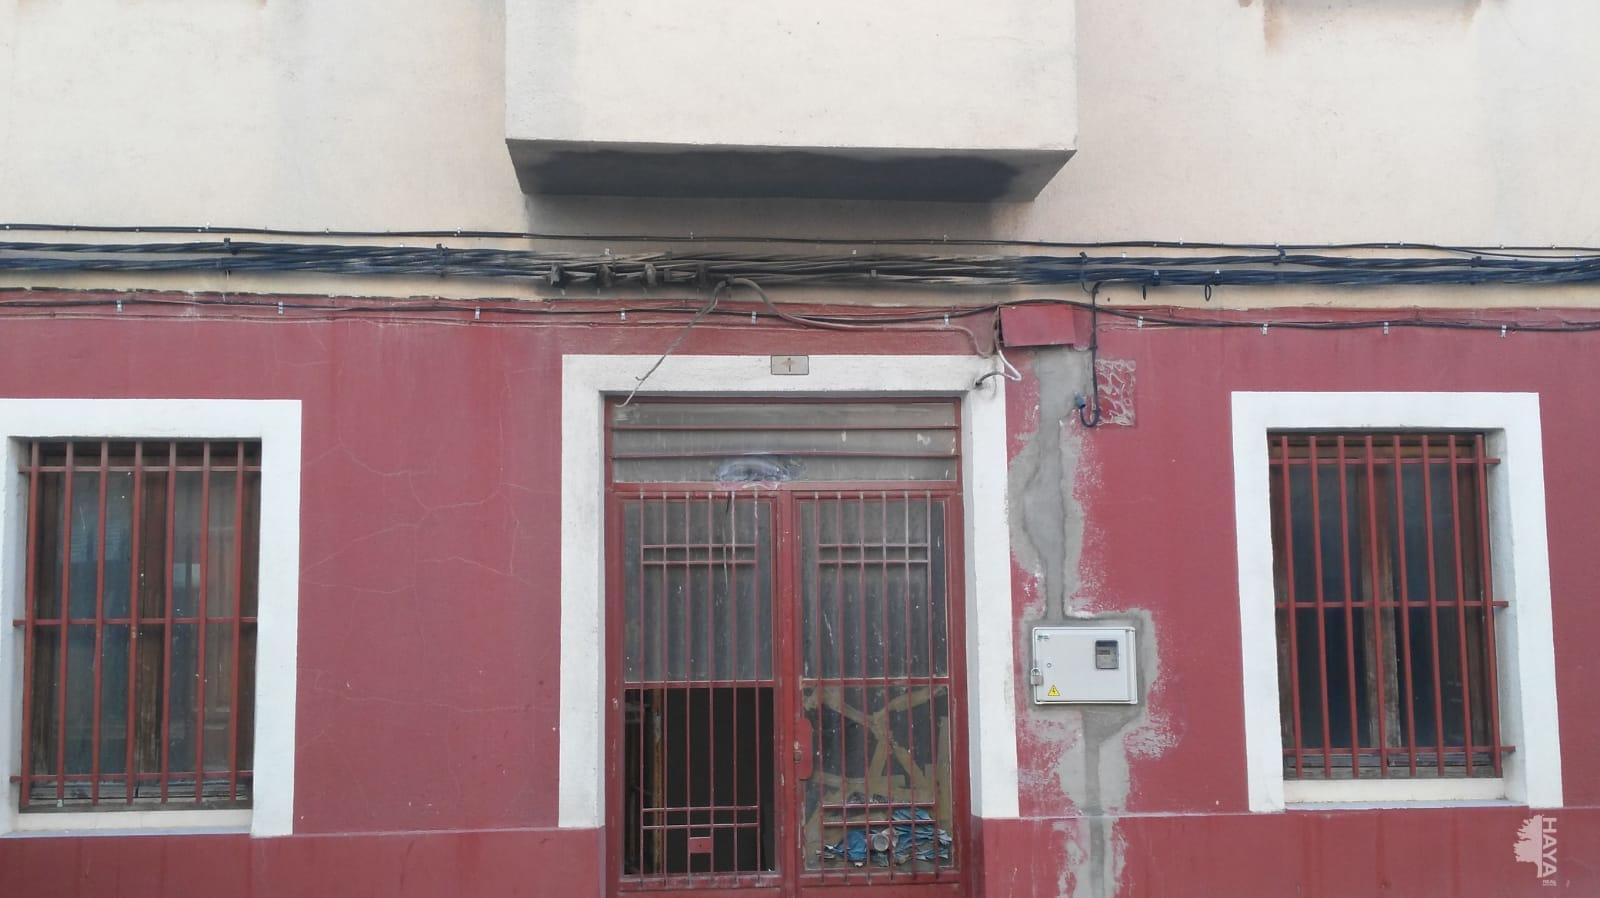 Piso en venta en La Roda, la Roda, Albacete, Calle Puerta de Granada, 87.327 €, 3 habitaciones, 1 baño, 170 m2